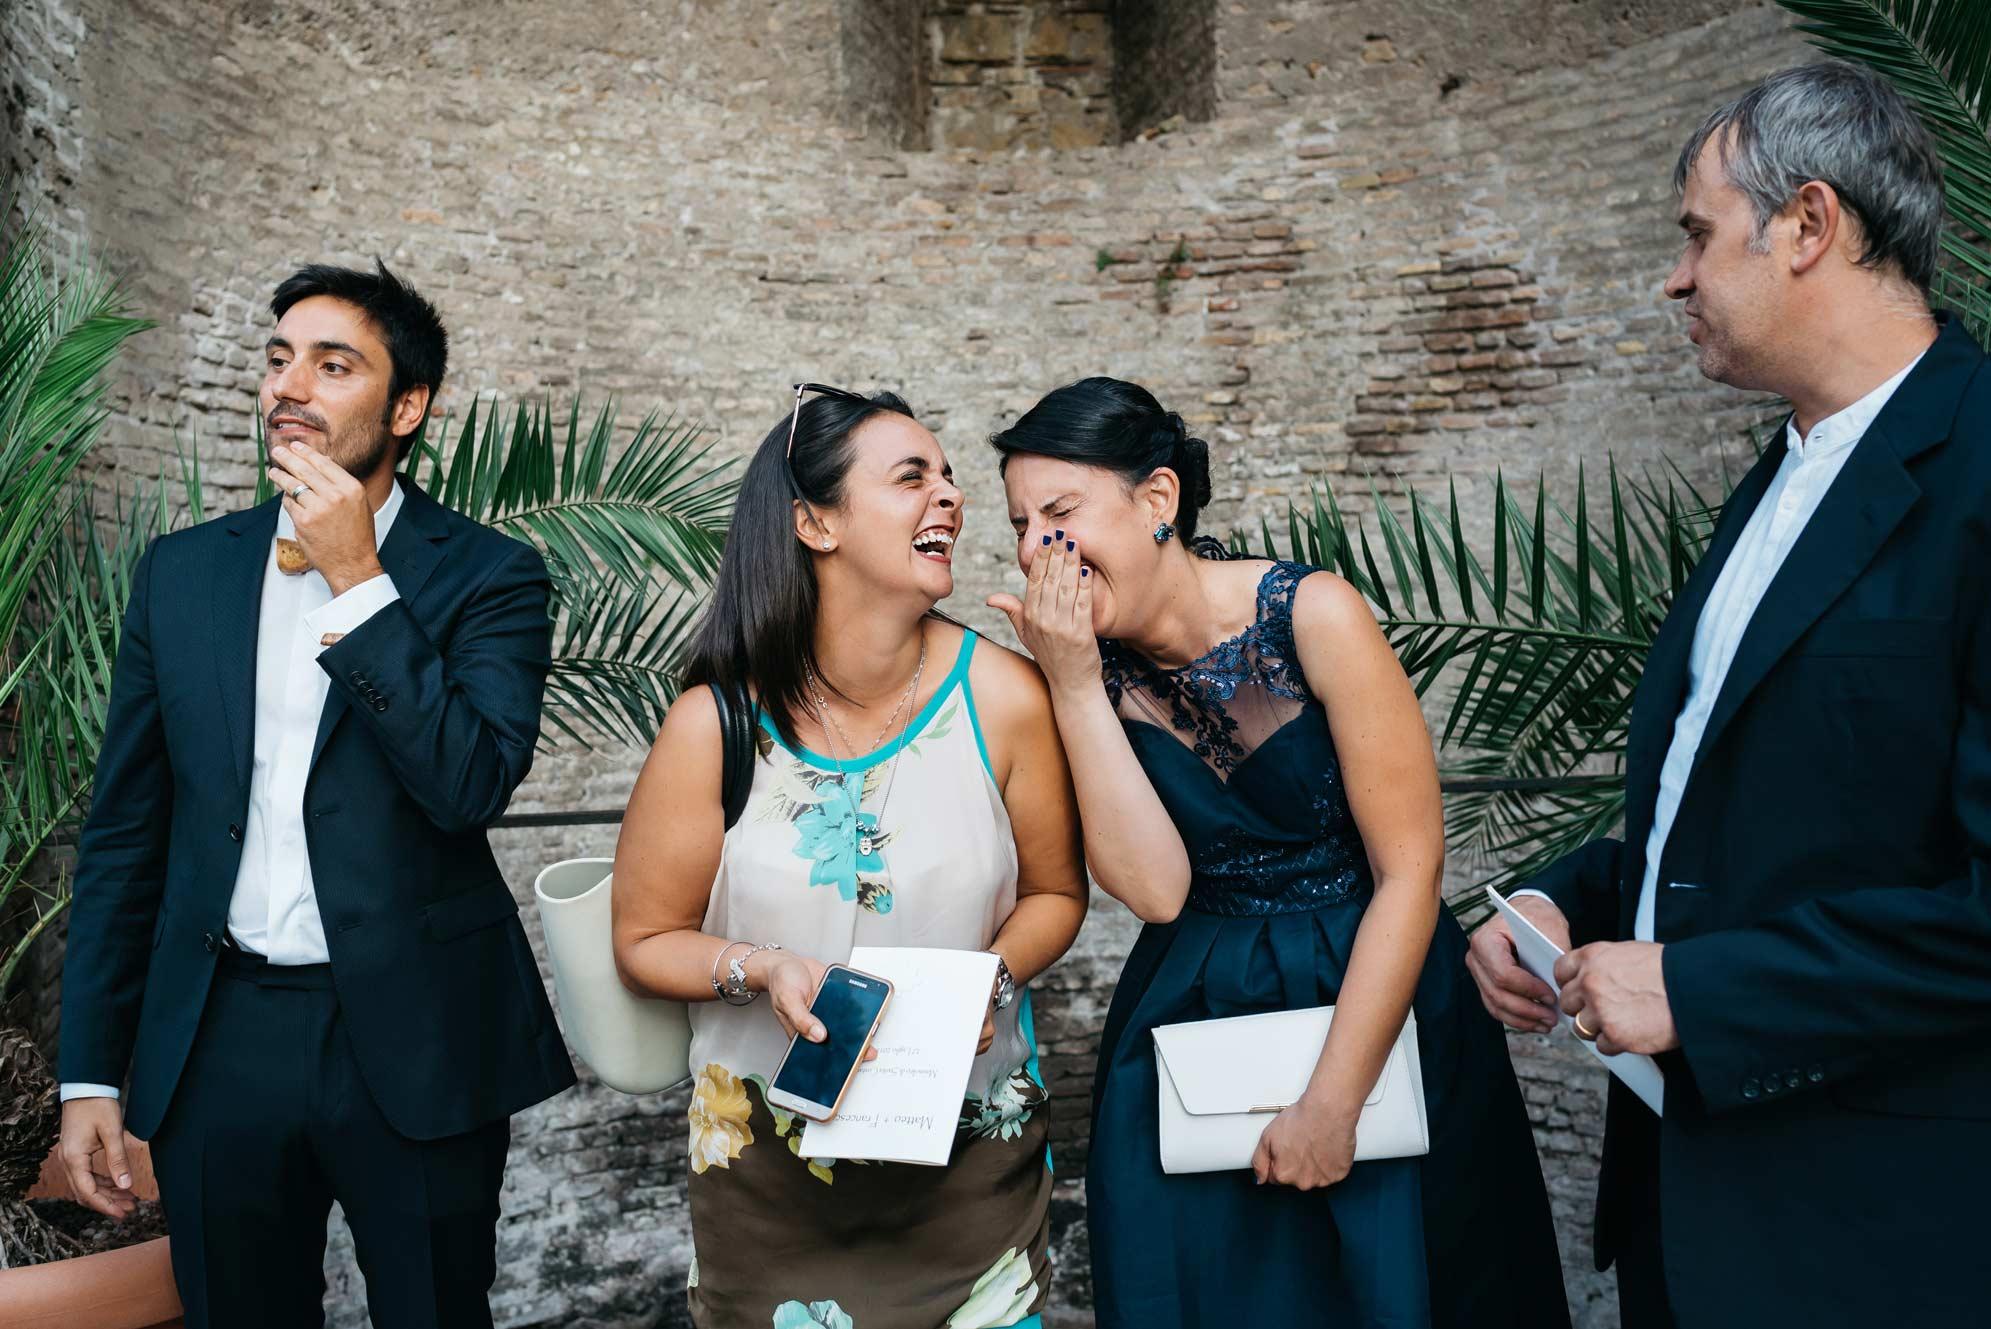 Reportage-Wedding-Photographer-in-Italy-Ceremony